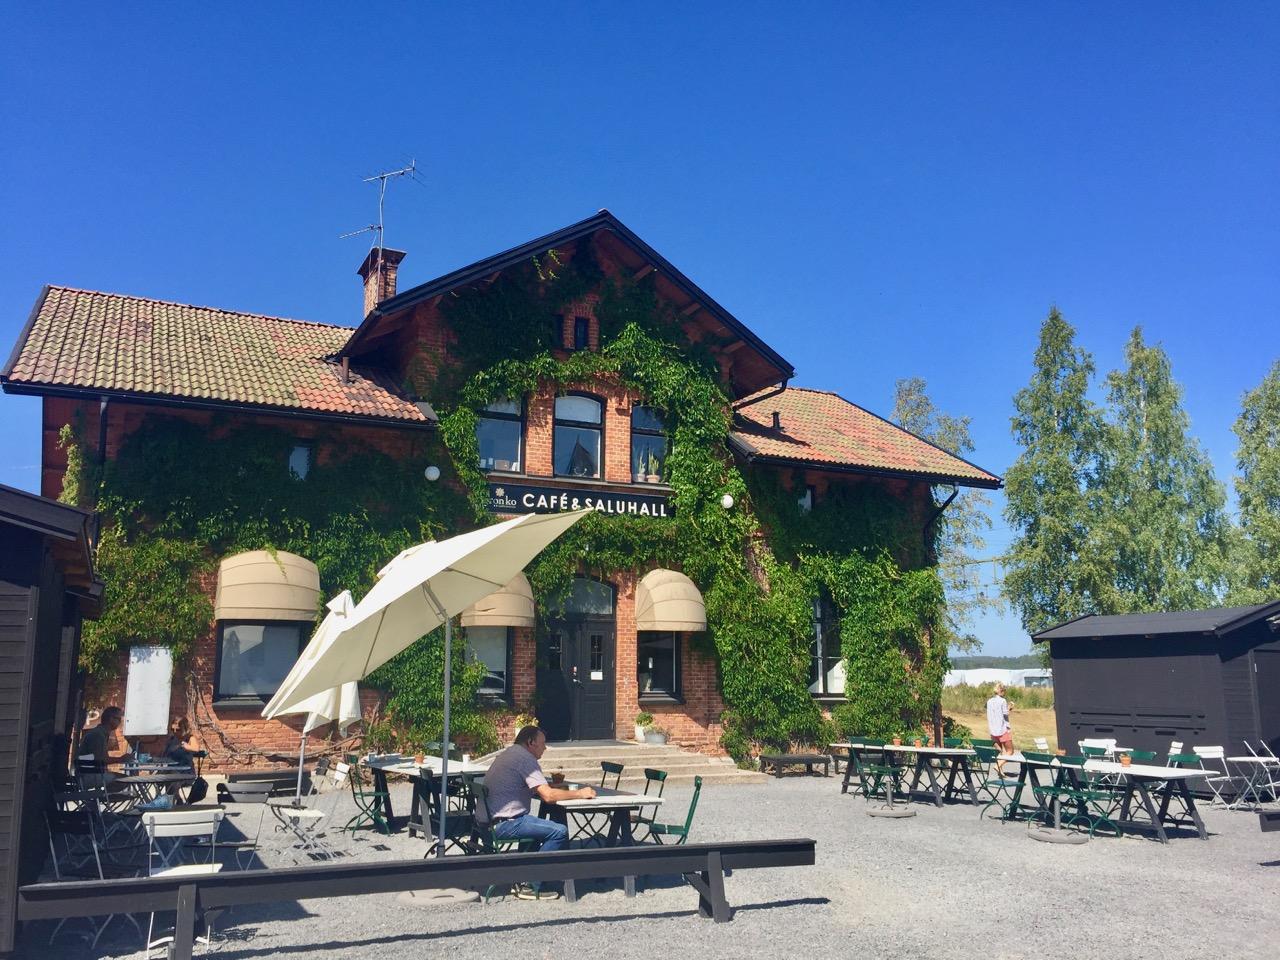 Grön Ko Café & Saluhall, Säffle, Värmland